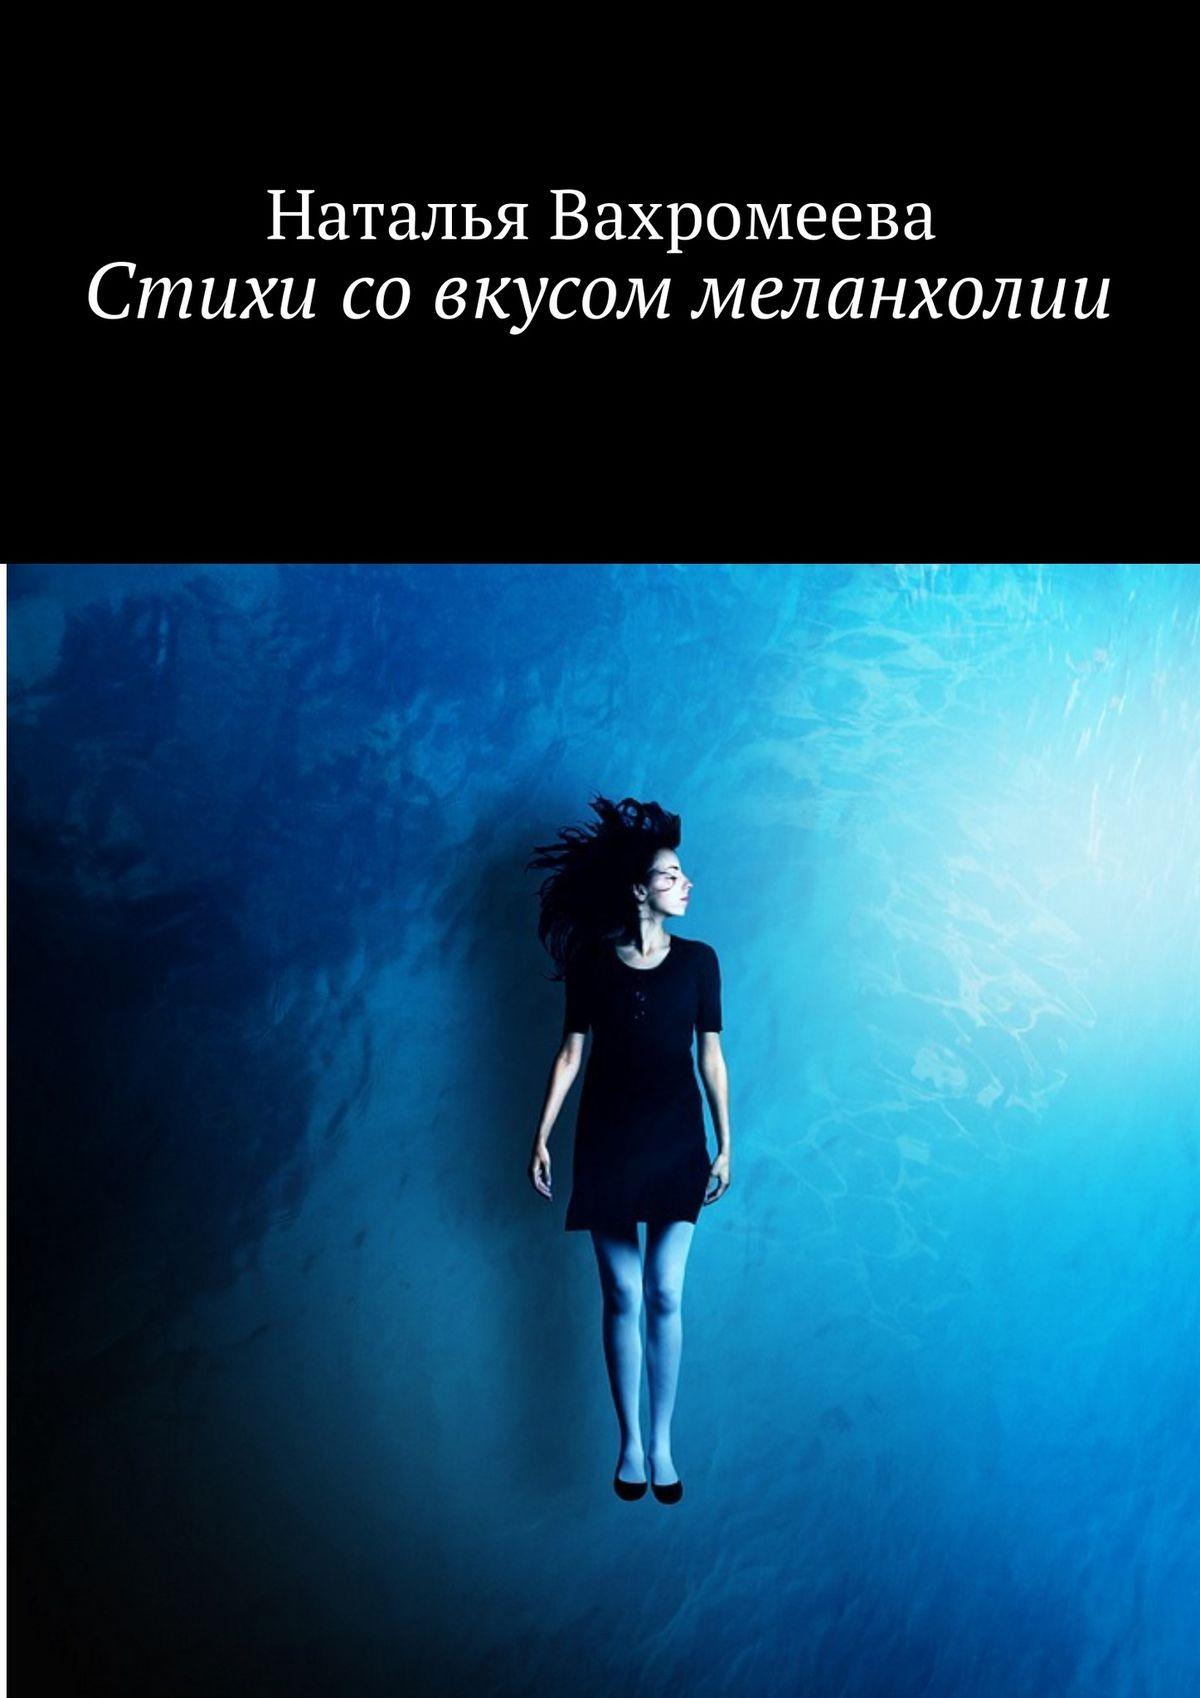 Наталья Вахромеева Стихи совкусом меланхолии э и гальперин нехирургические мысли и вновь возвращаясь к себе…